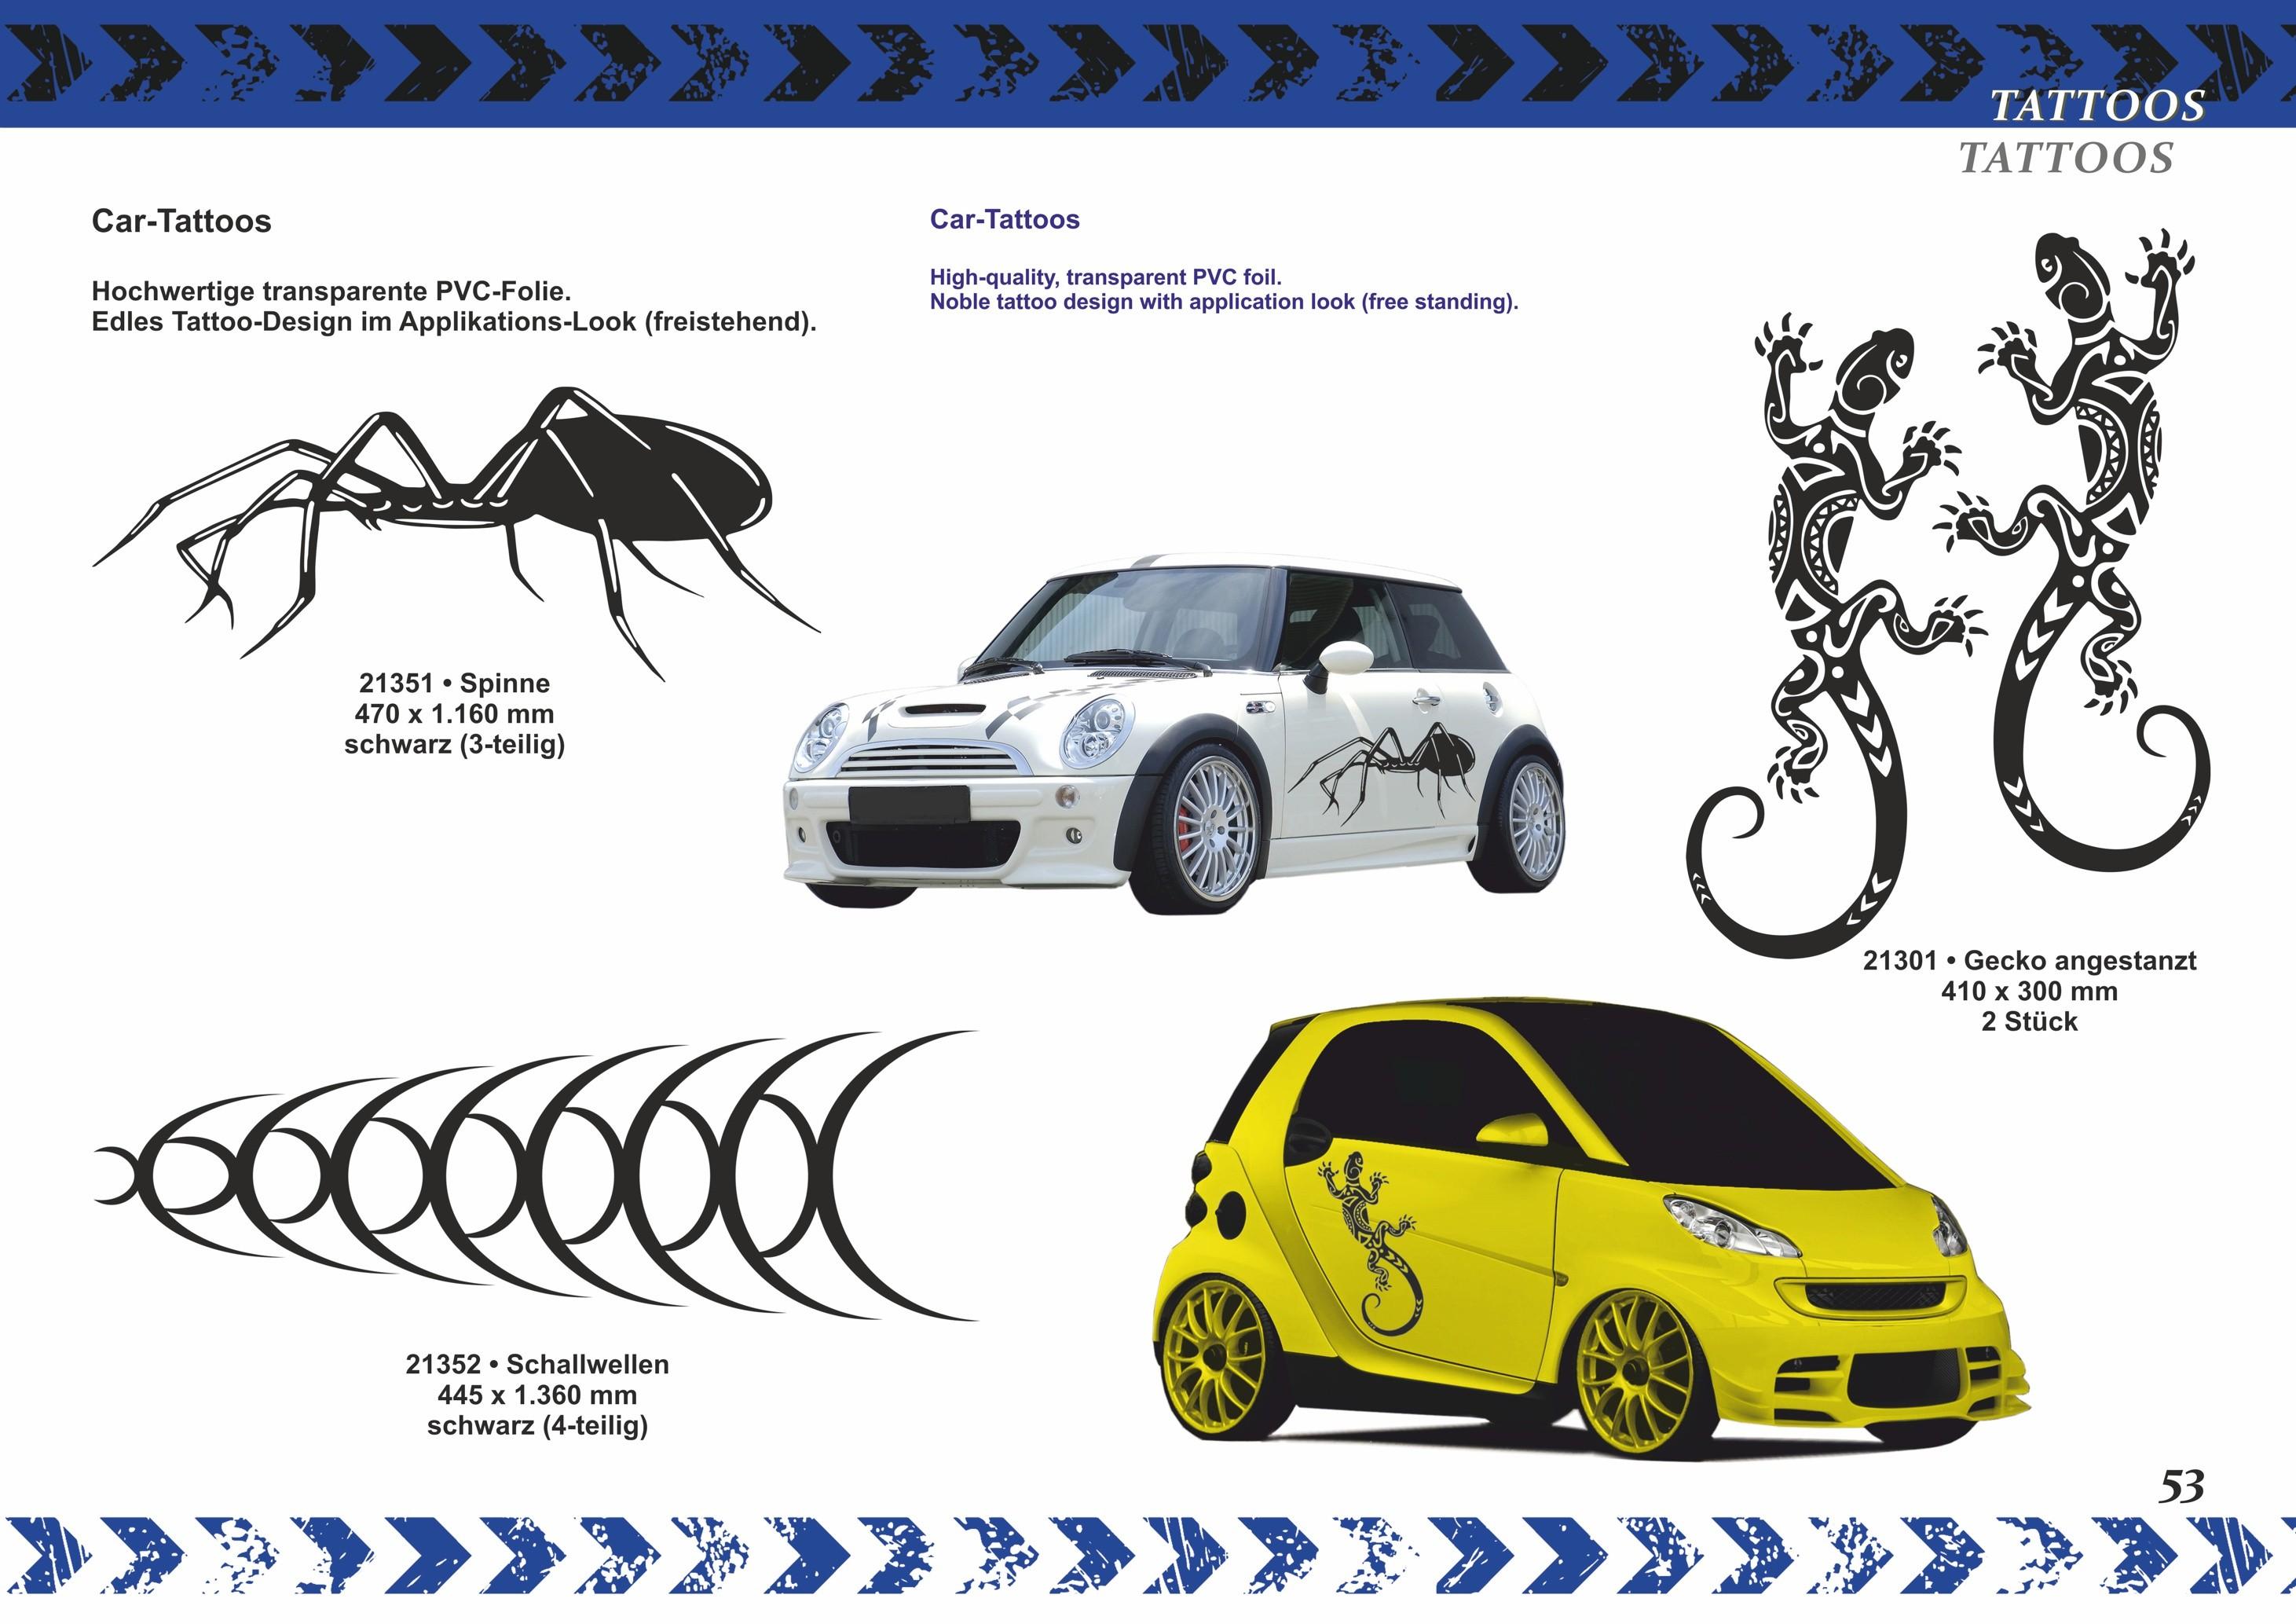 Car-Tattoo Schallwellen 1360 x 425 mm silber – Bild 5